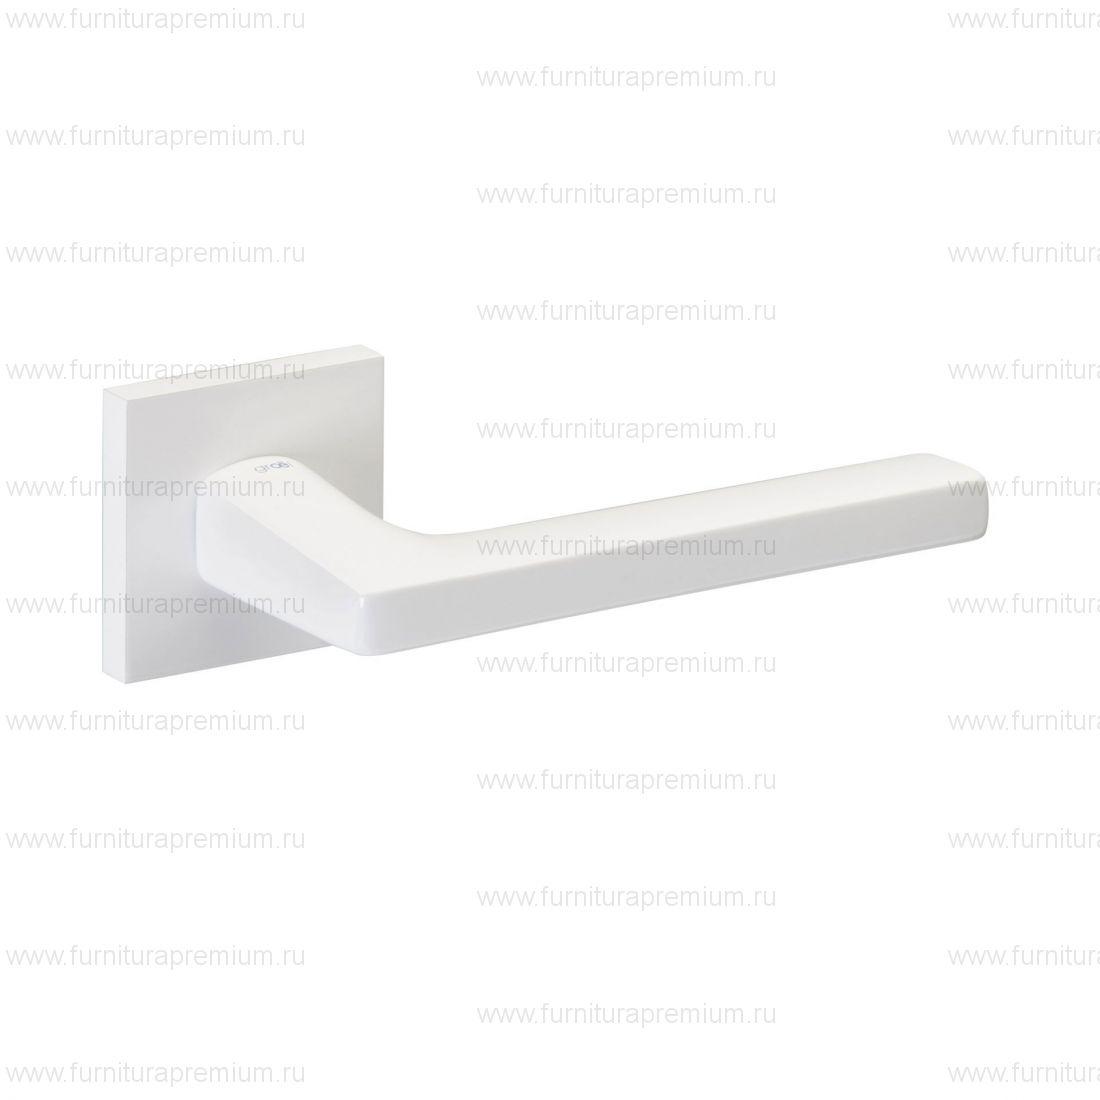 Ручка Groel 117 q log.Gic